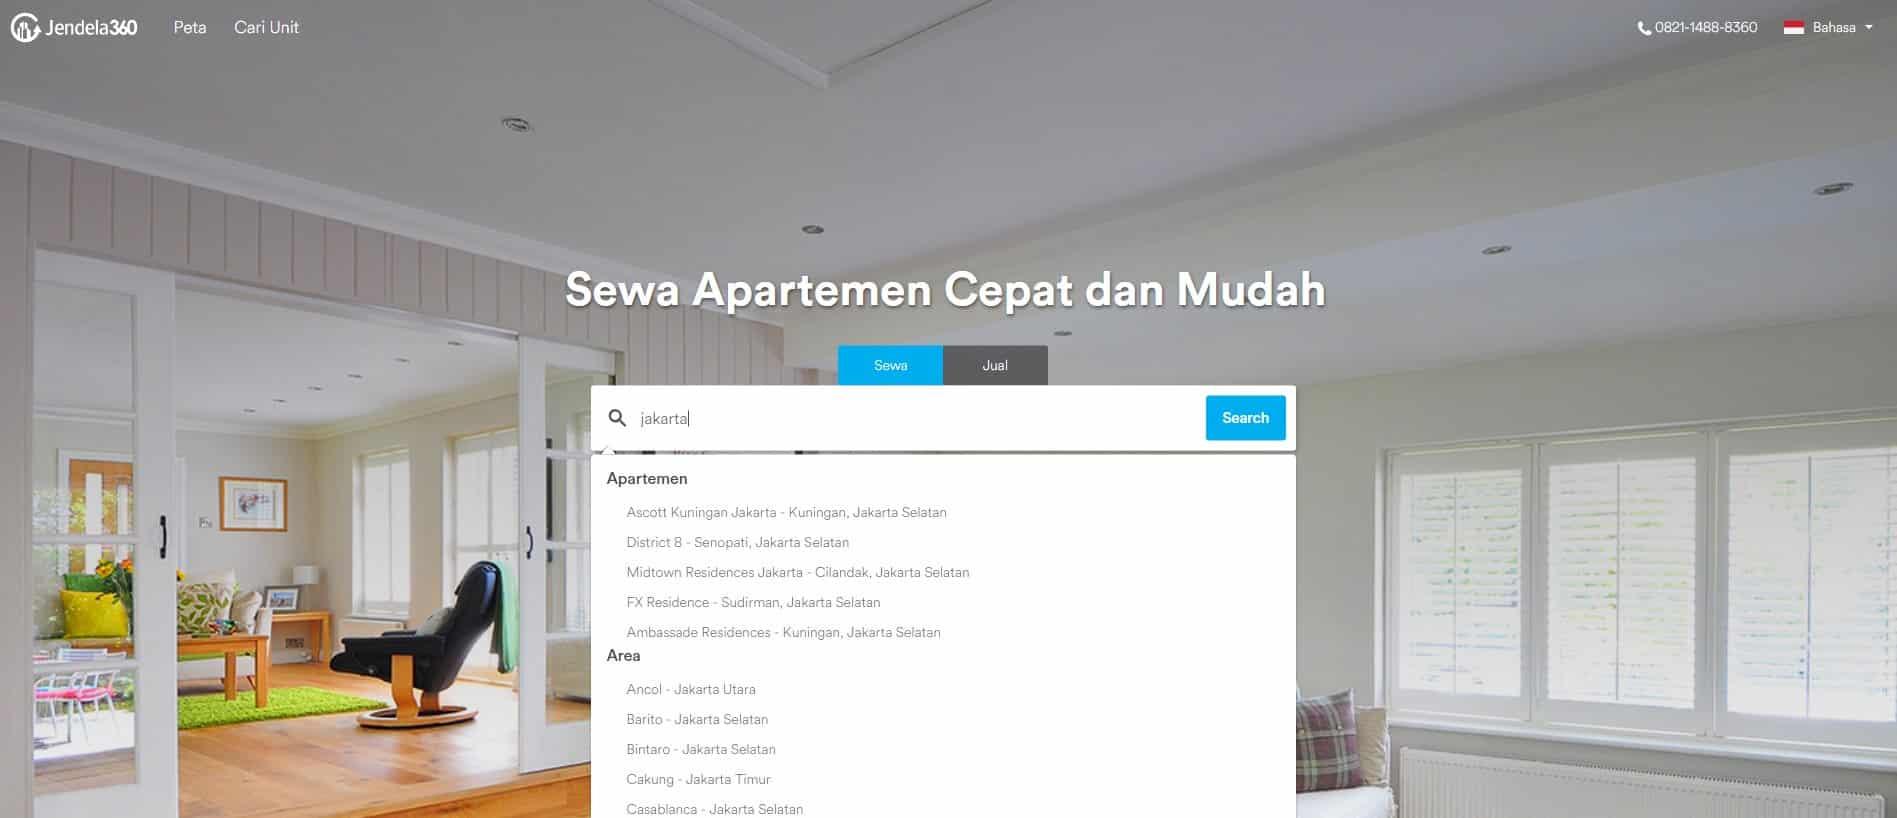 Sewa Apartemen Di Jendela360